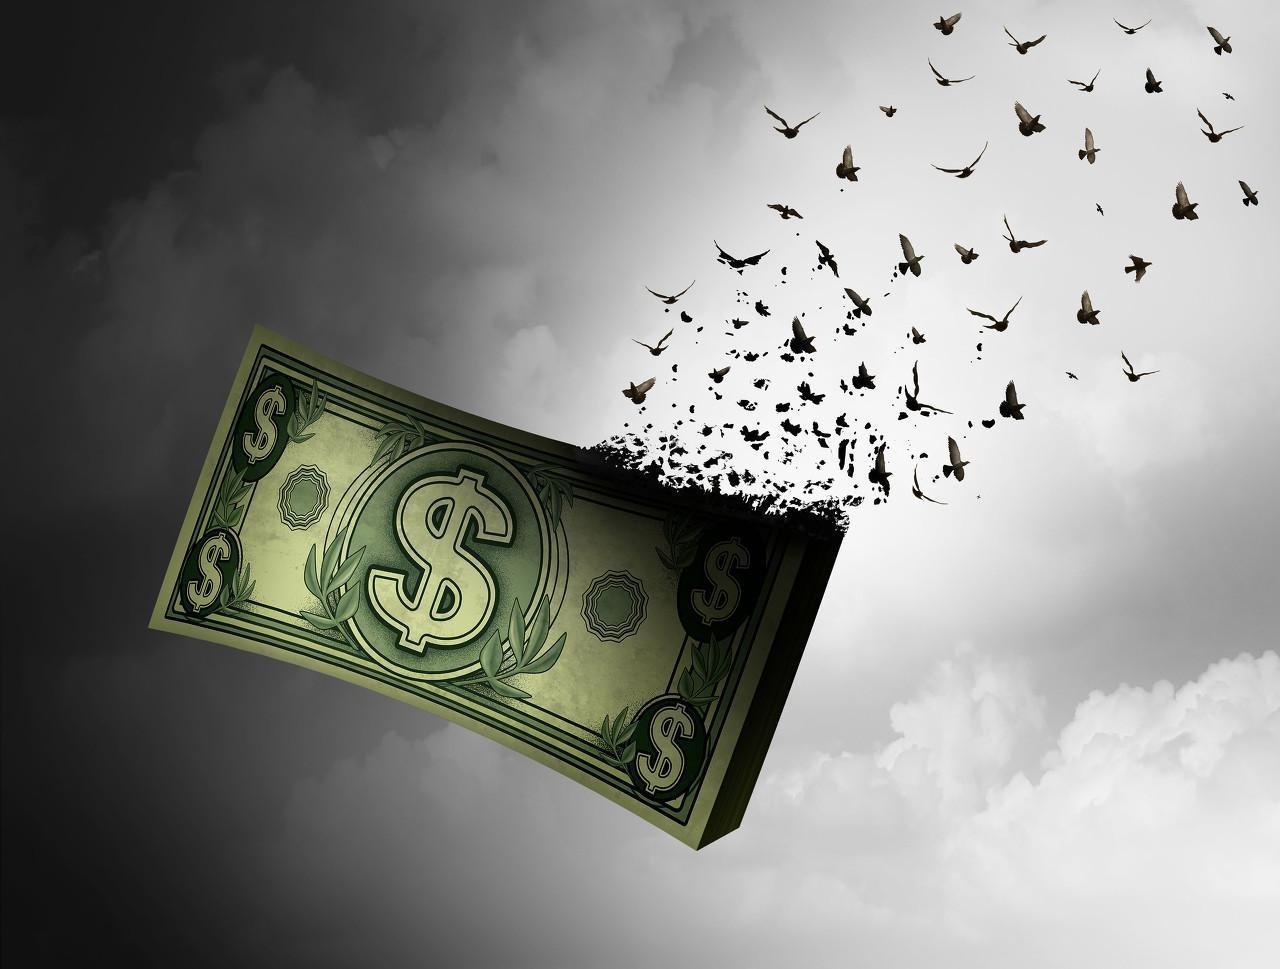 宋雪涛:美债利率上行至何处,美股会发生较大回撤?